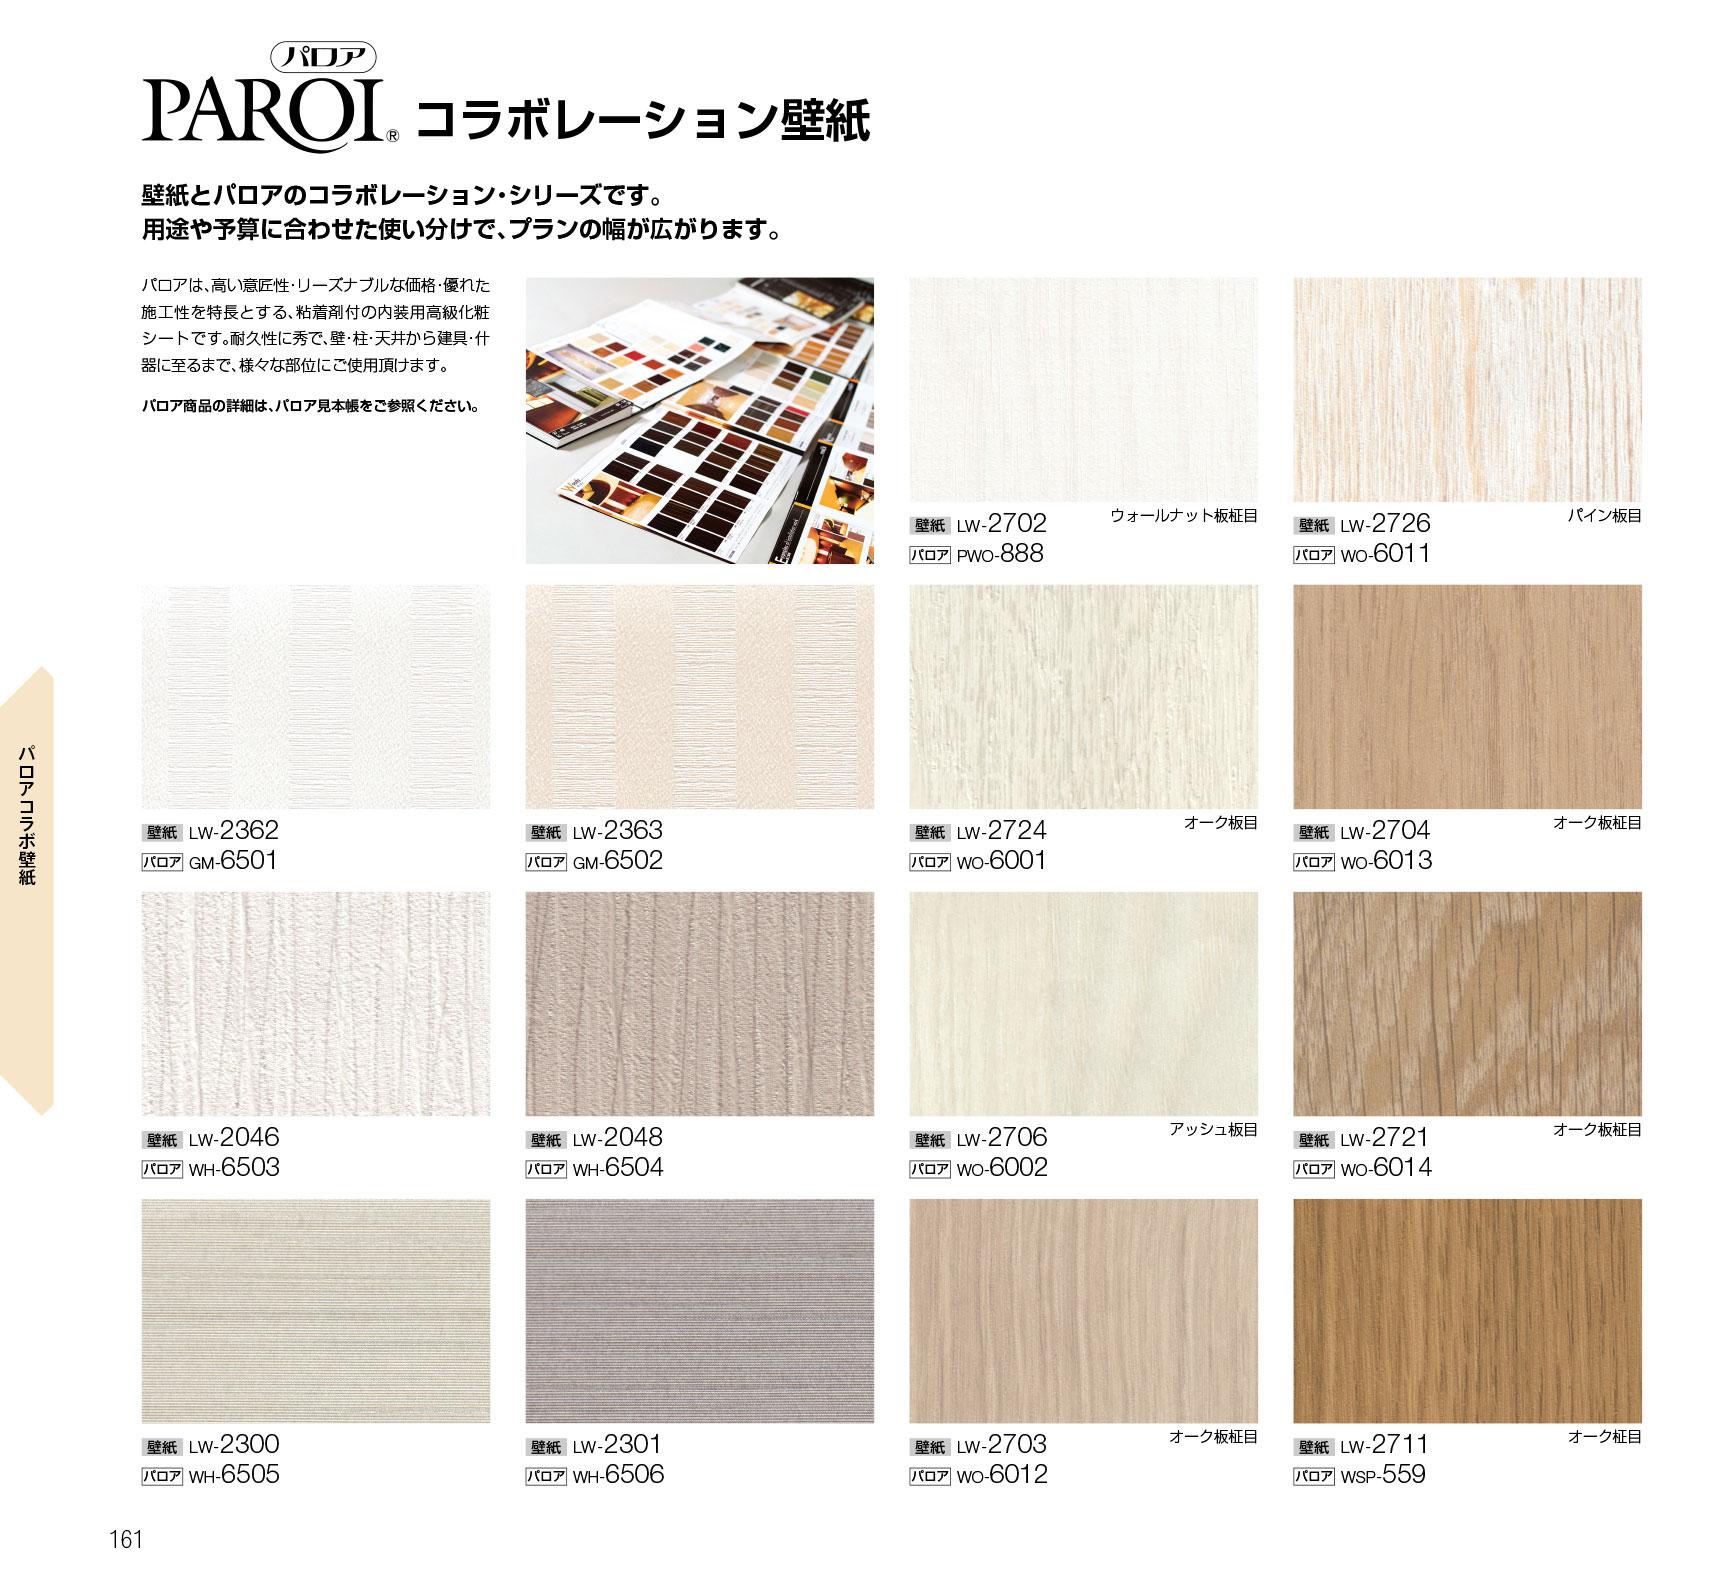 リリカラ Lw 46 Lw 2712 パロアコラボレーション壁紙 Will ウィル 一般品 1000番 プロ 業者 上級者向け 生のり付き壁紙 壁 床 窓のdiyリフォームなら ハロハロ